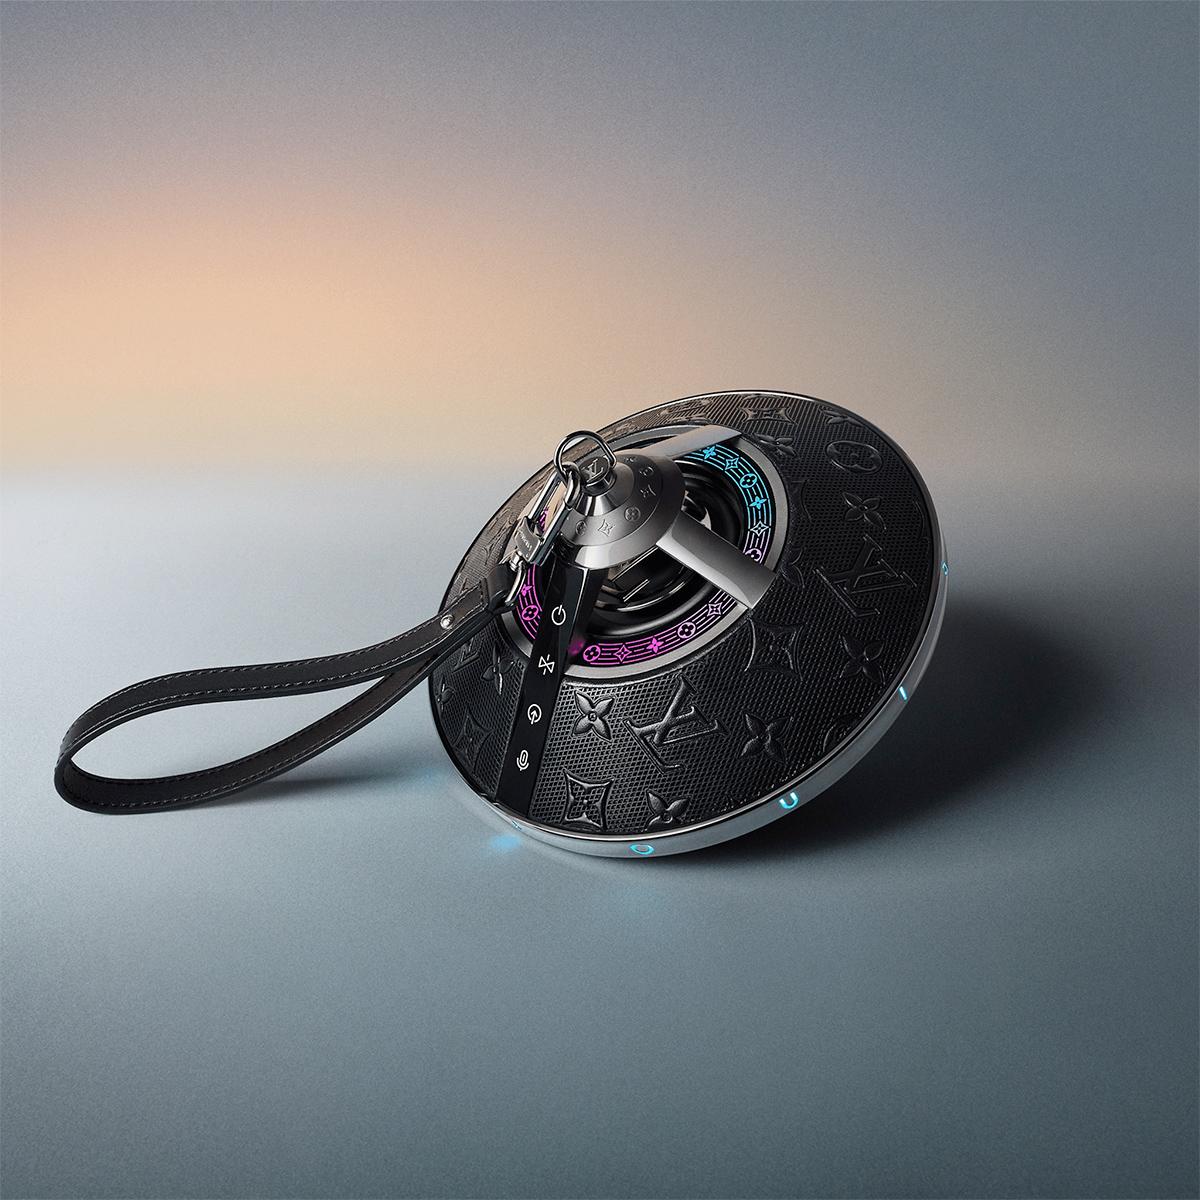 Horizon Light Up Speaker